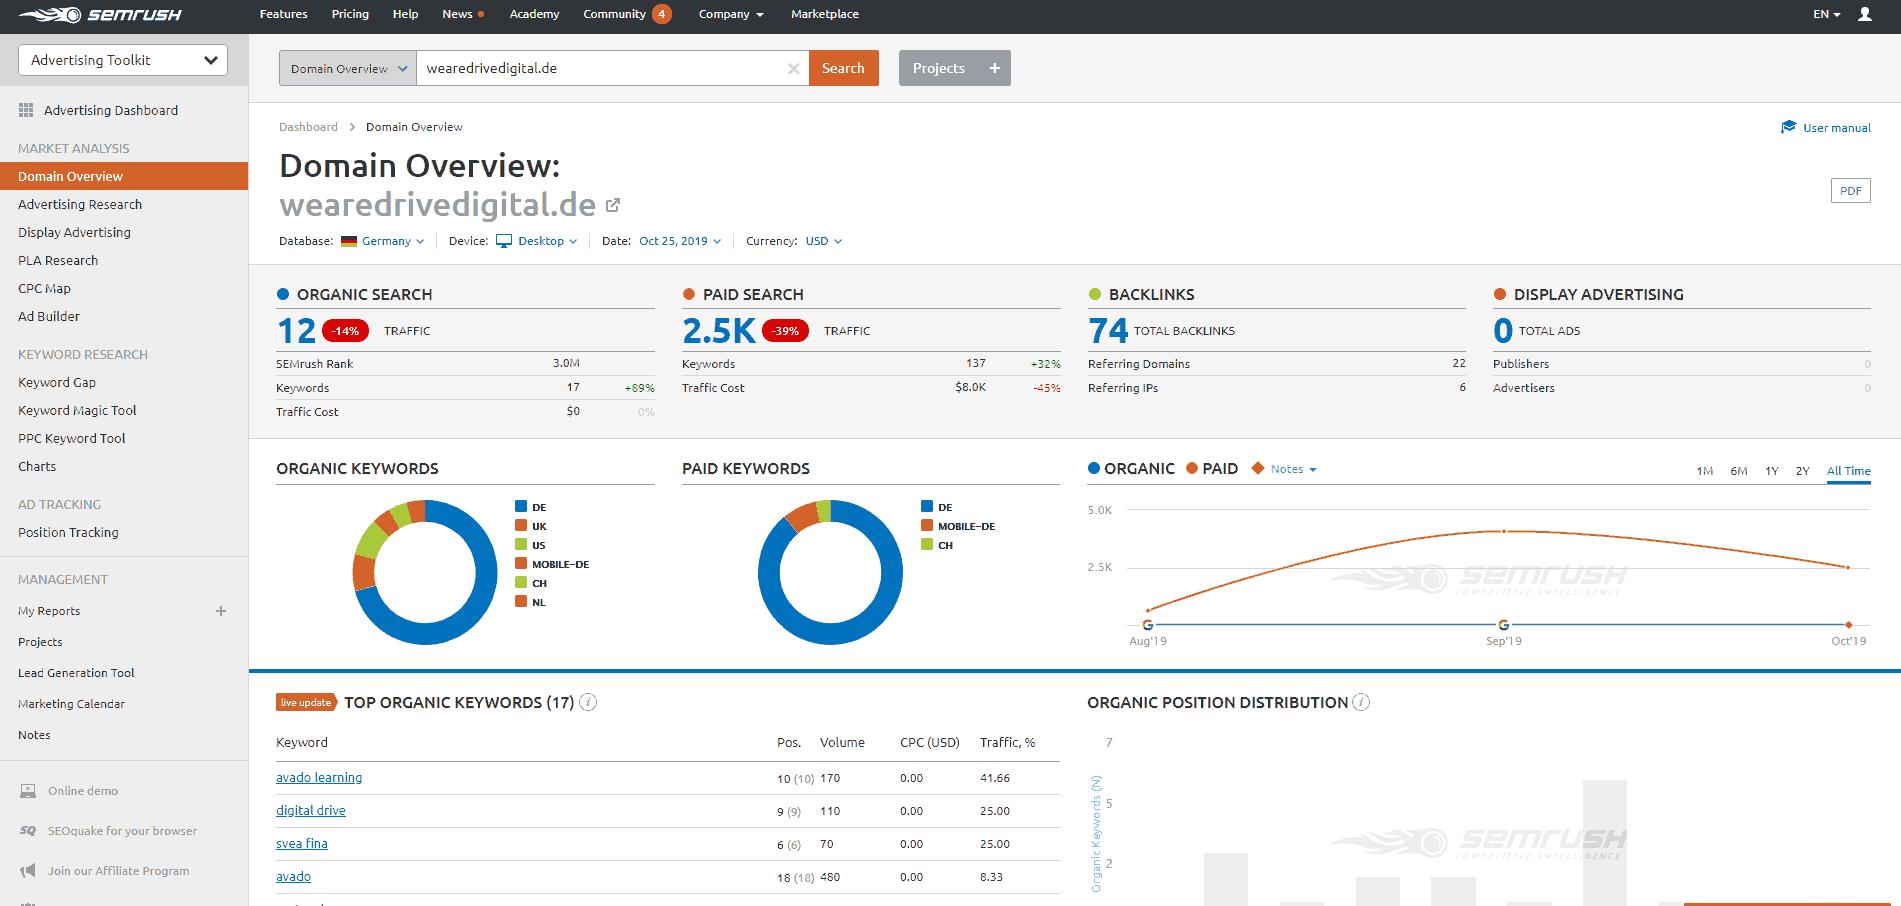 SEMrush Advertising Overview